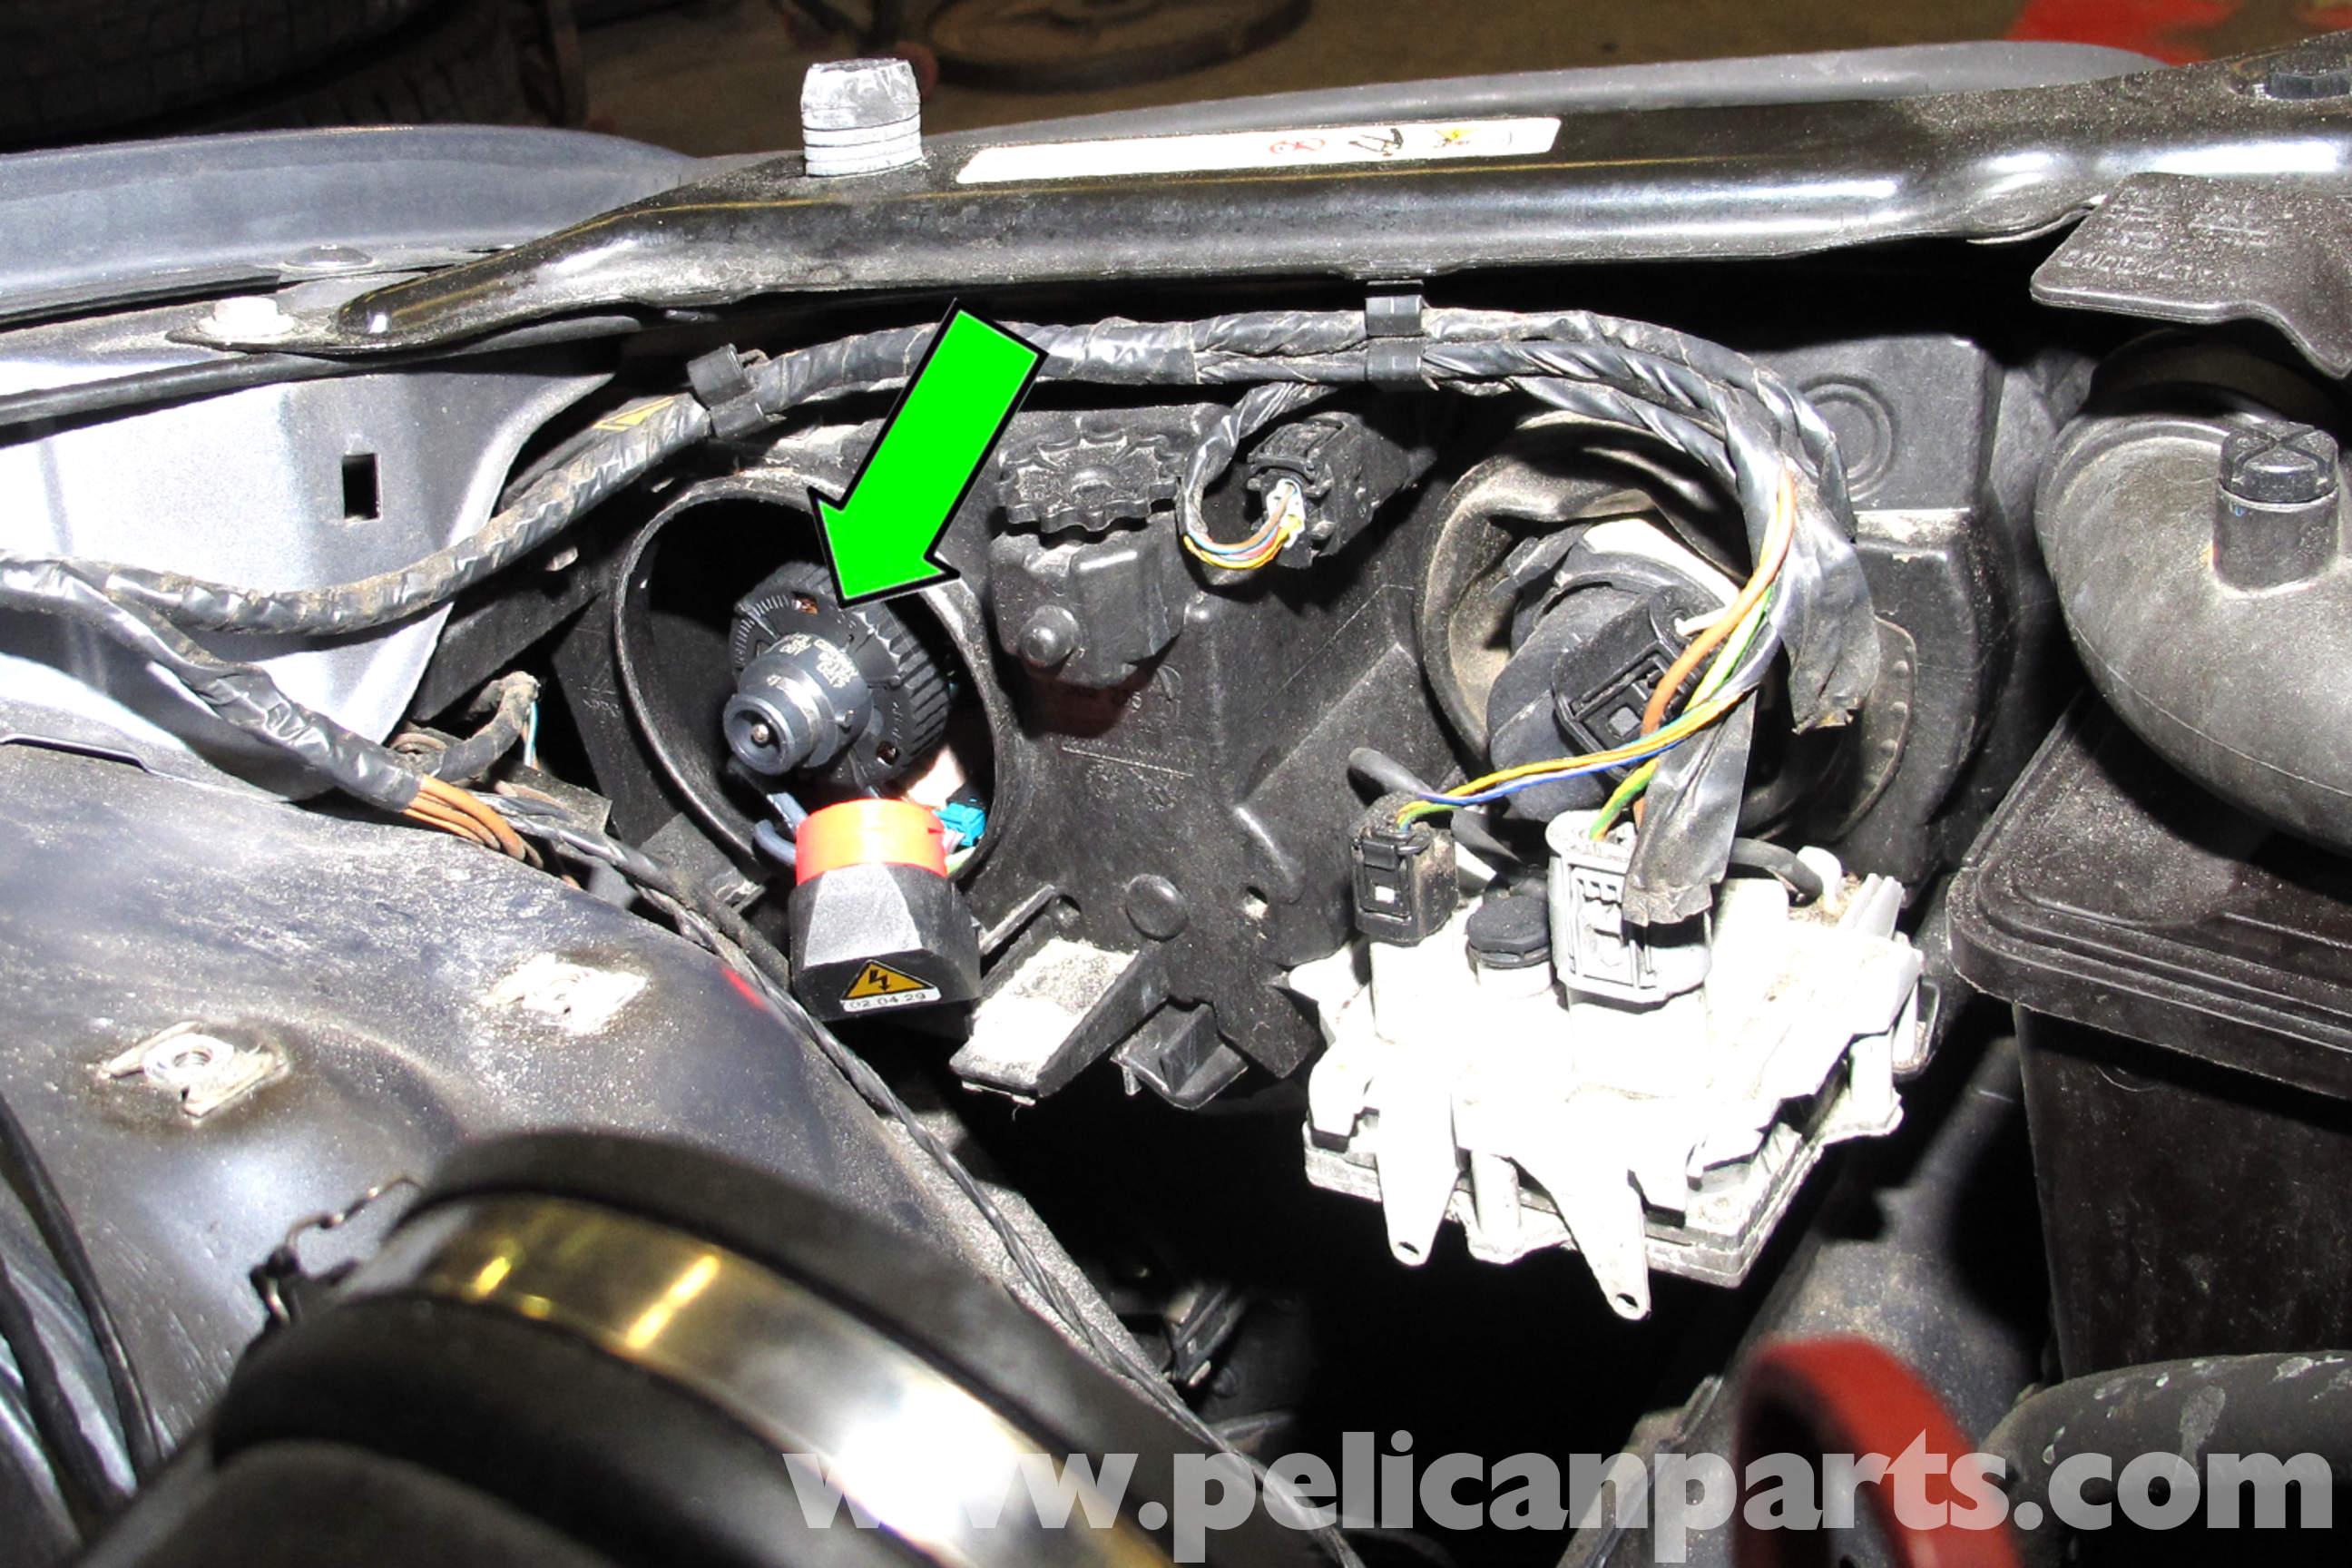 BMW E46 Xenon Headlight Replacement | BMW 325i (2001-2005), BMW ...